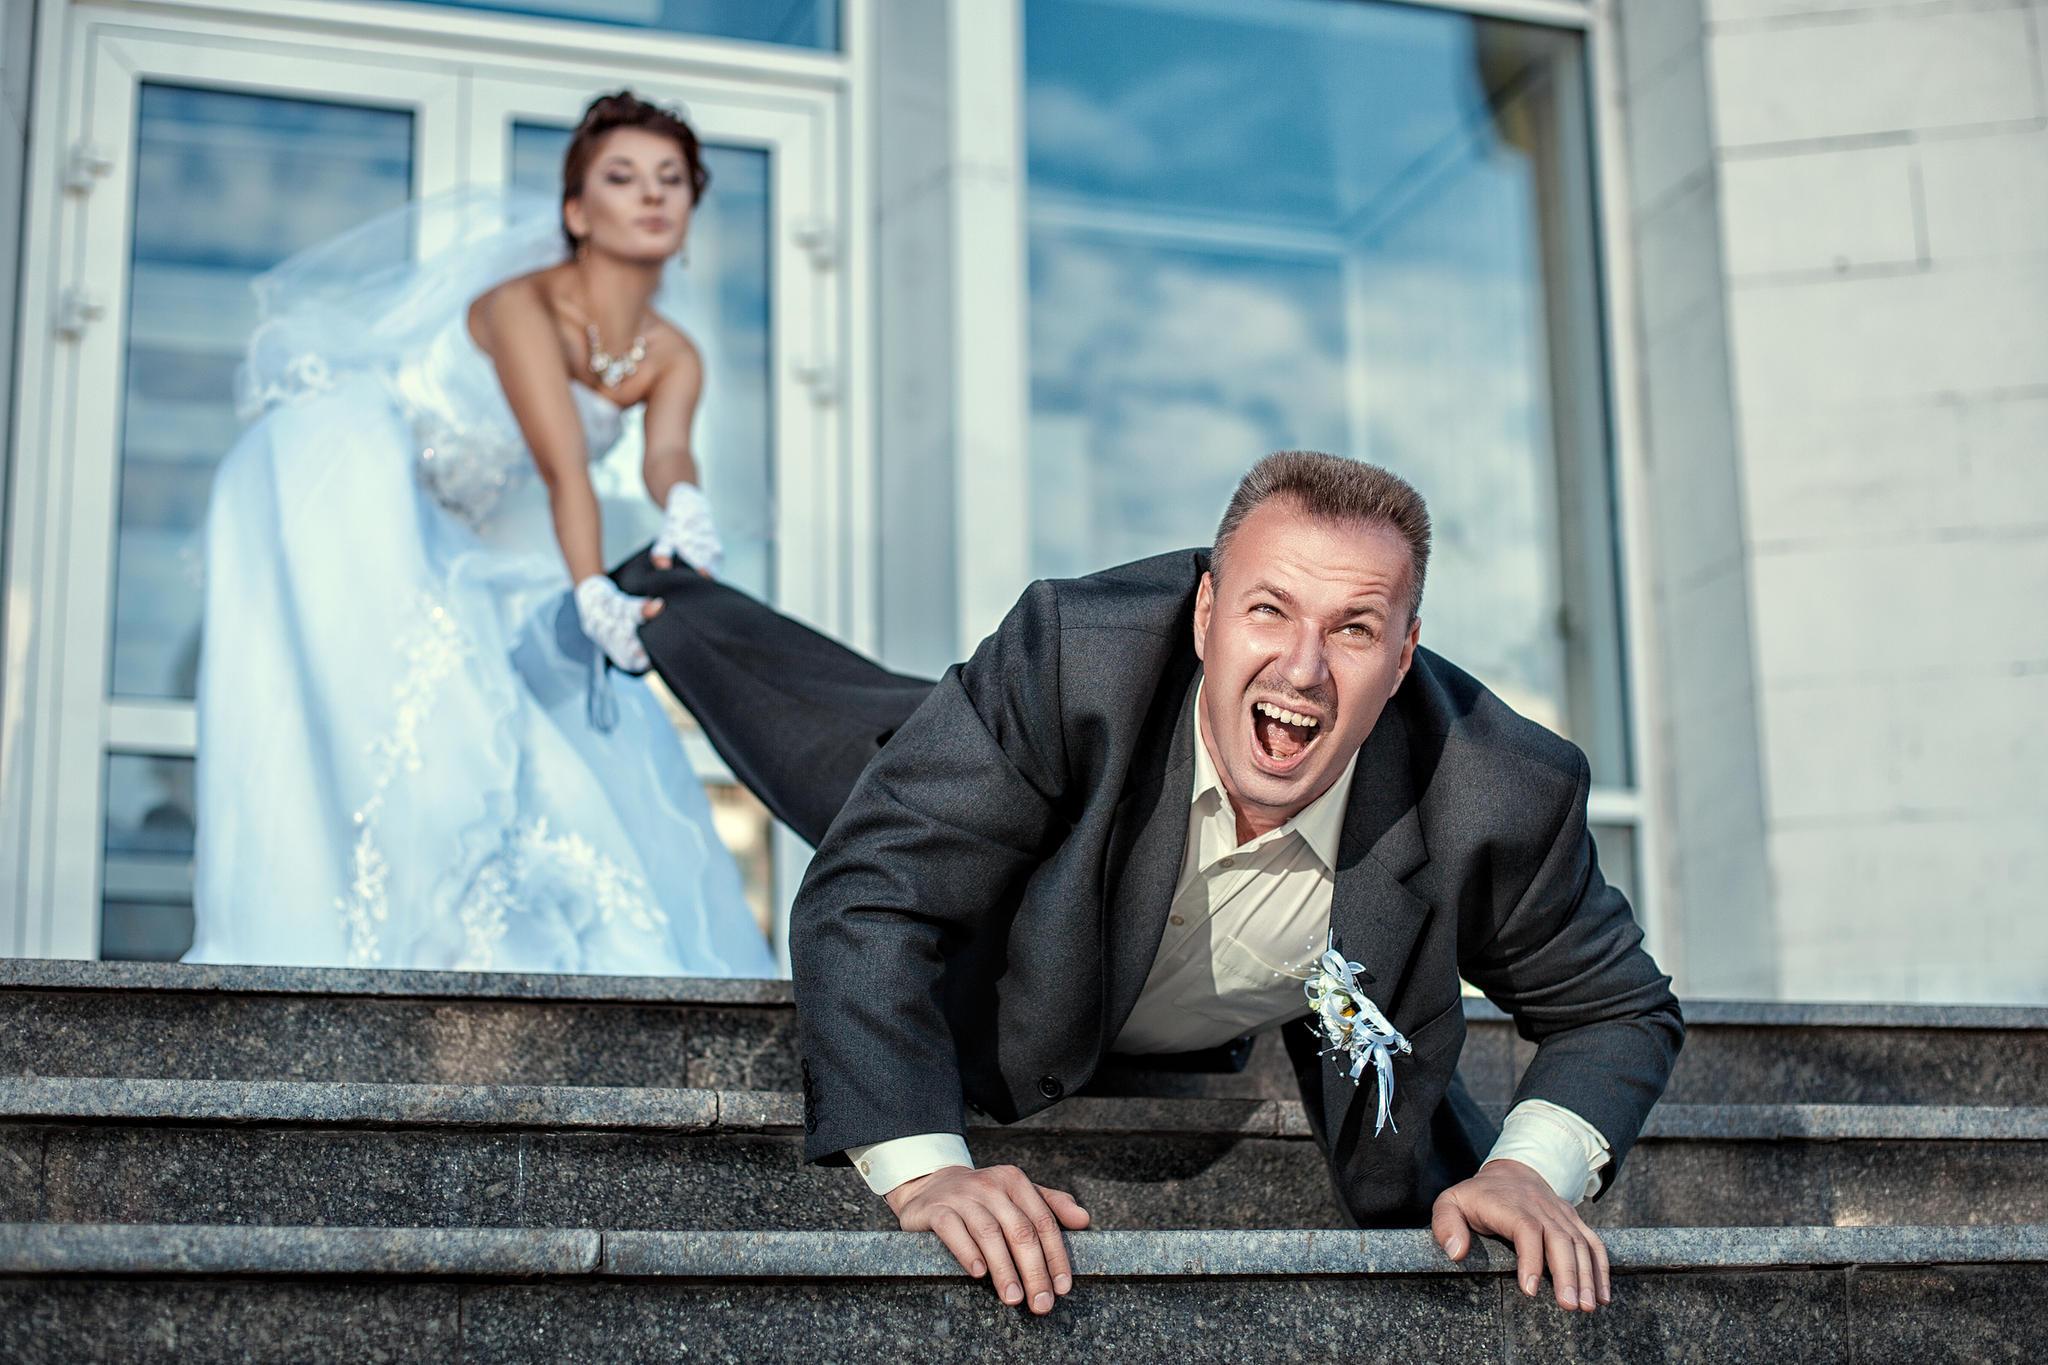 Die Ex-Freundin des Bräutigams versuchte dessen Hochzeit zu crashen.